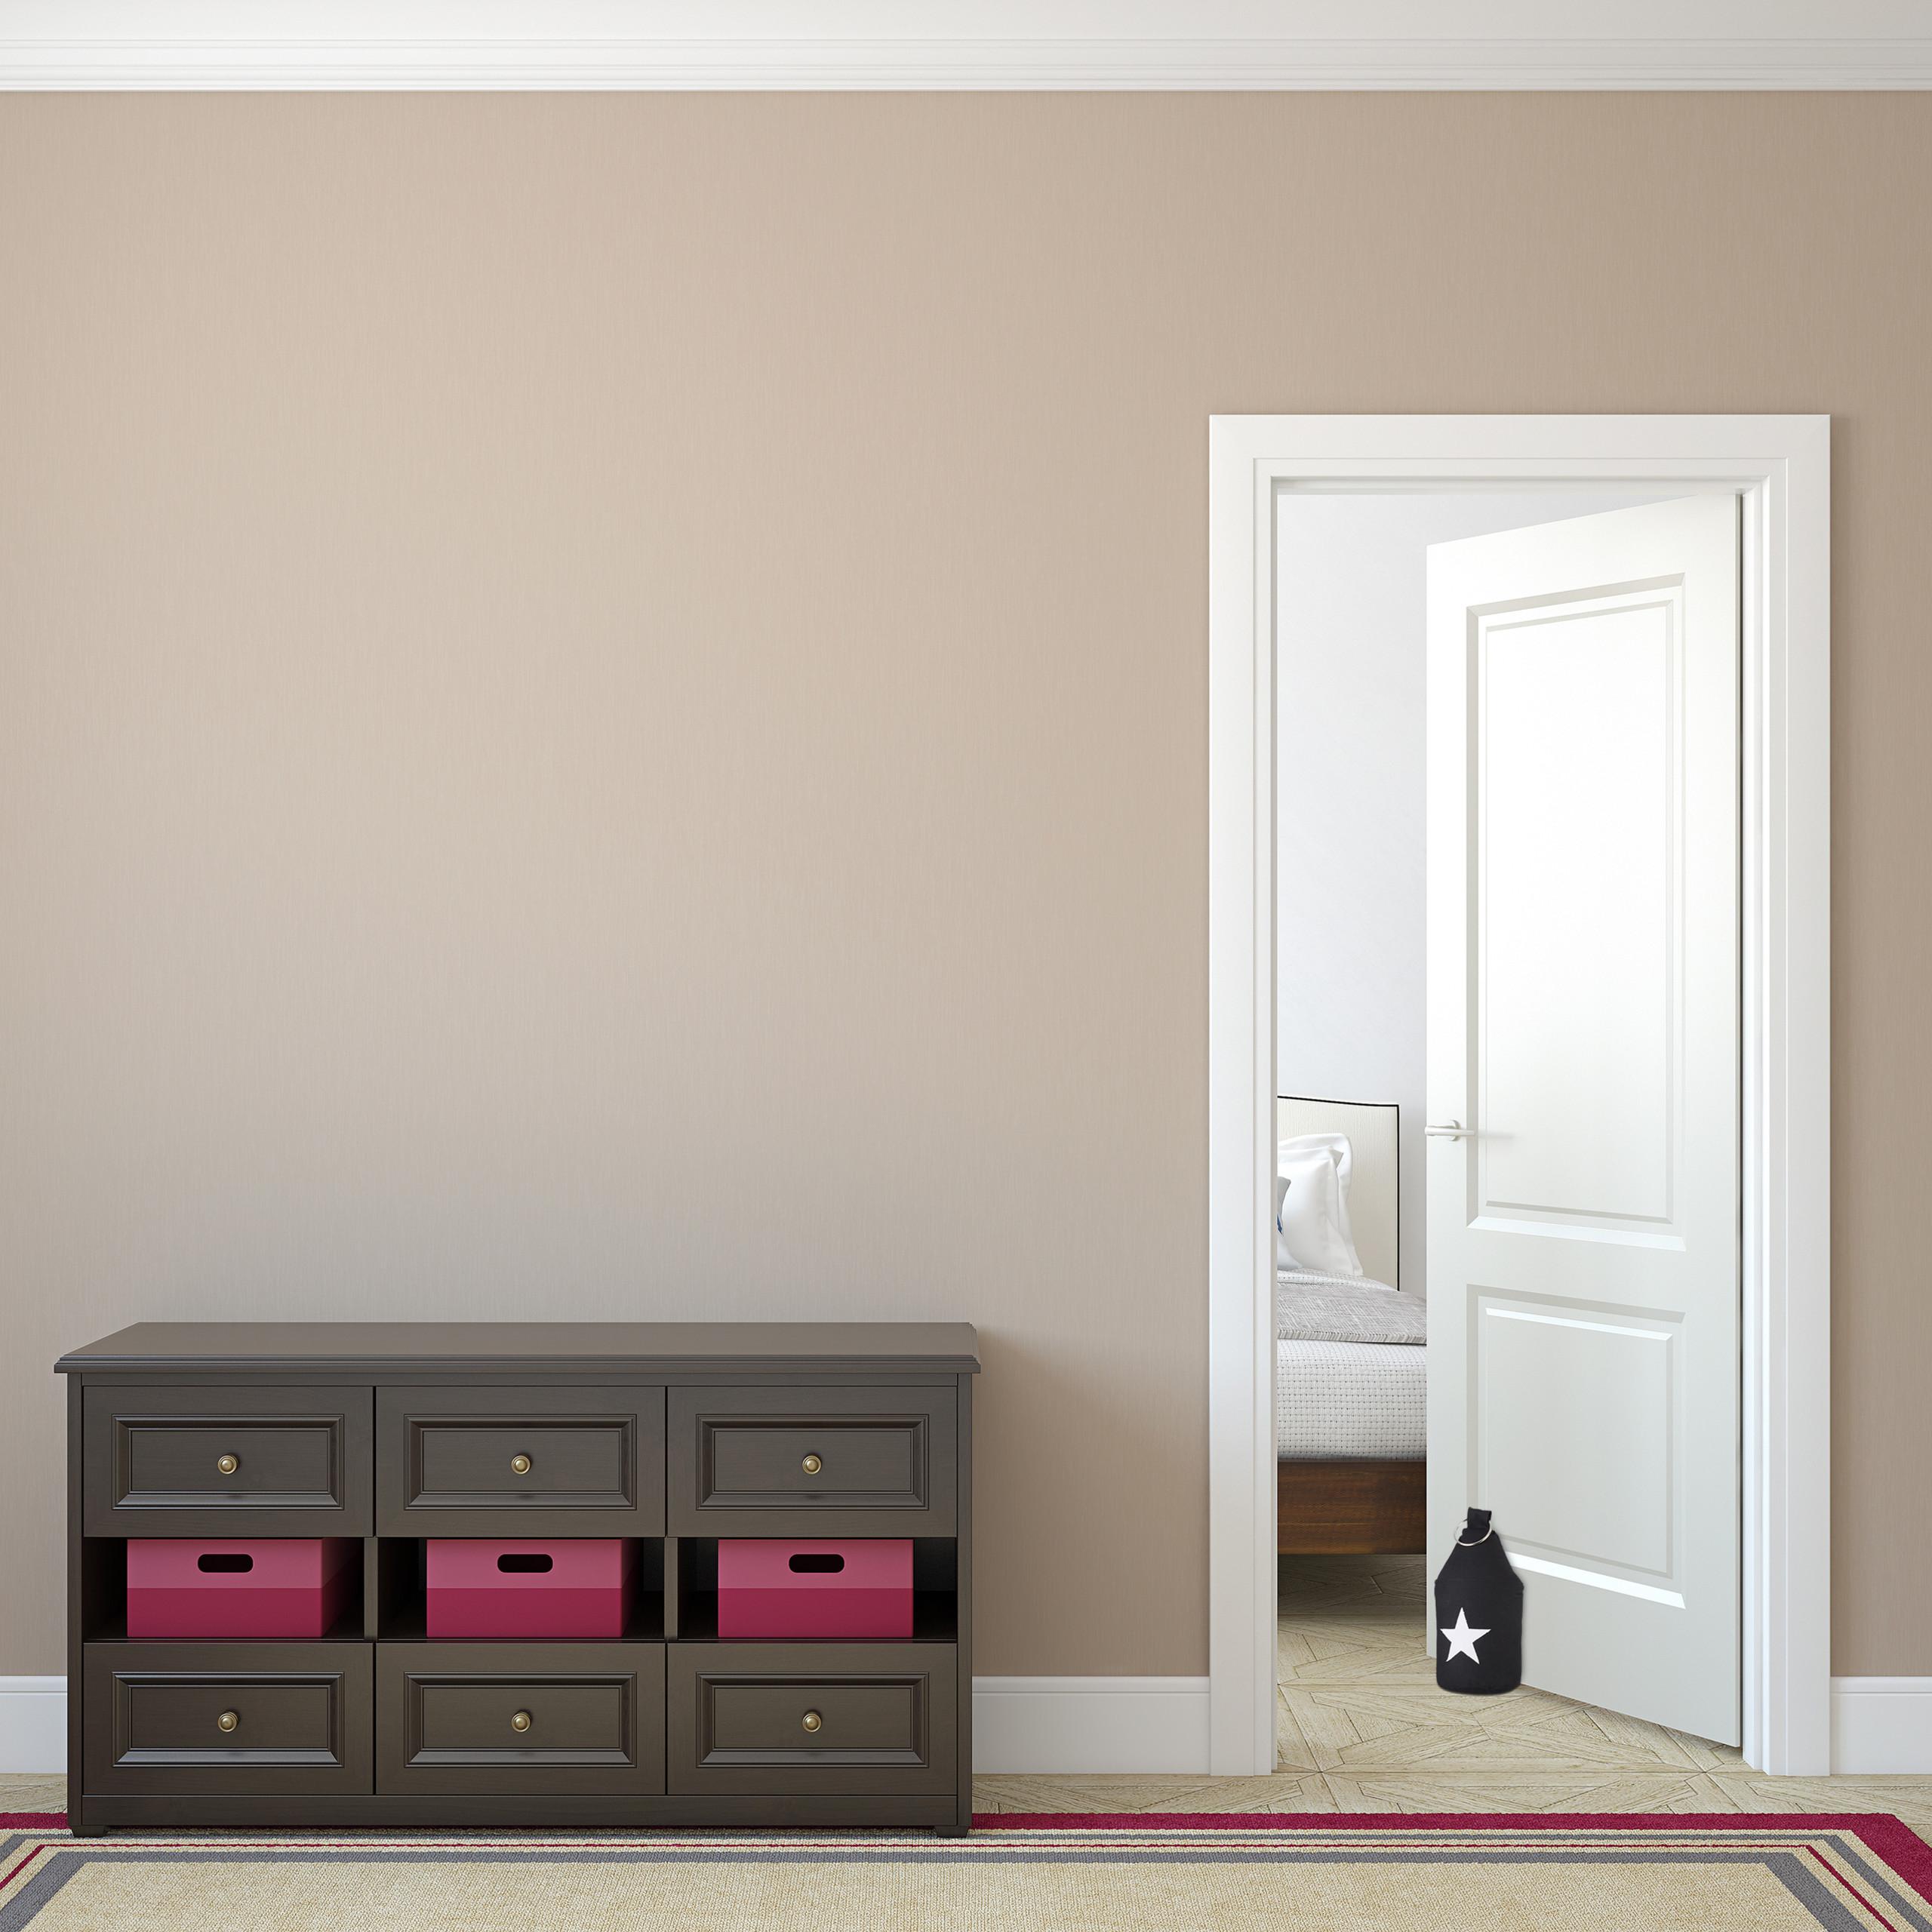 Door-Stop-with-Star-Fabric-Bumper-Floor-Doorstop-Tall-with-Handle-Chic thumbnail 17